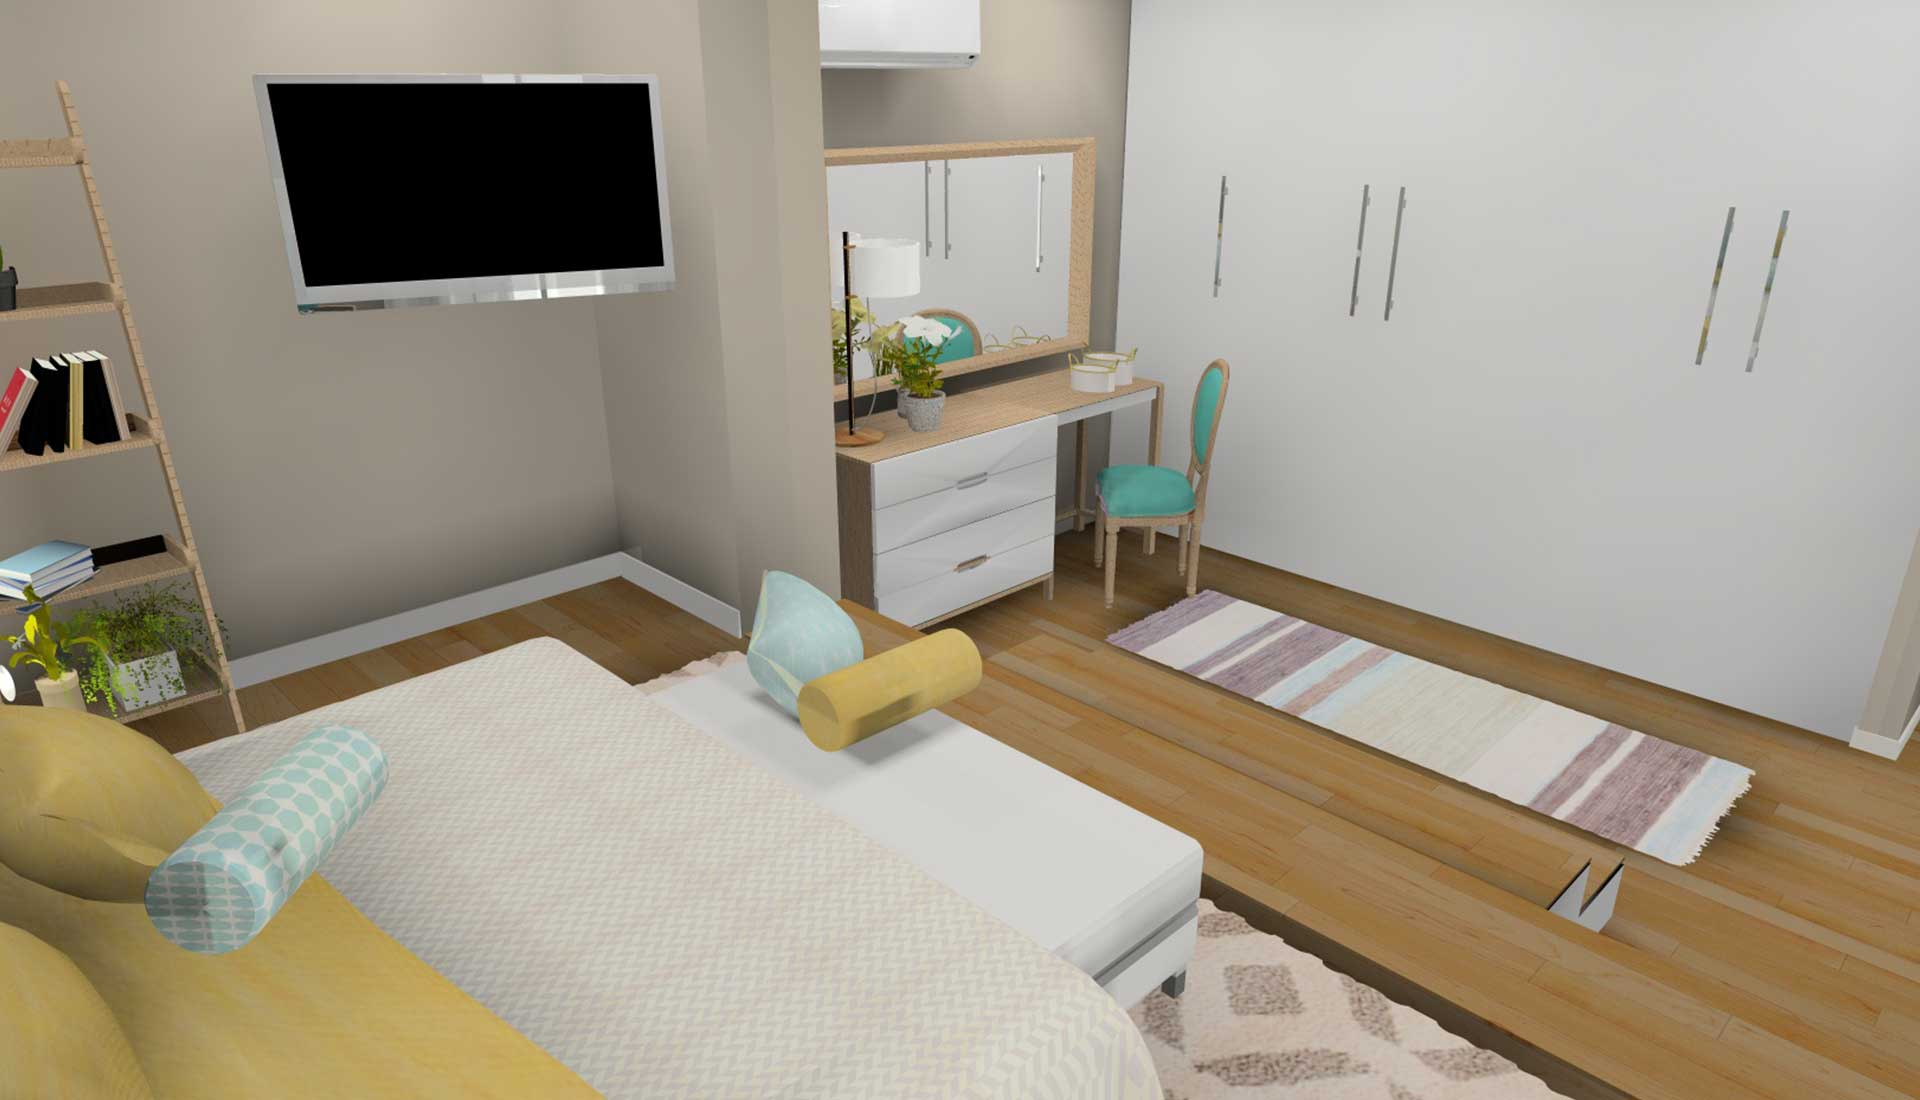 Decoracion de Interiores las tablas habitacion